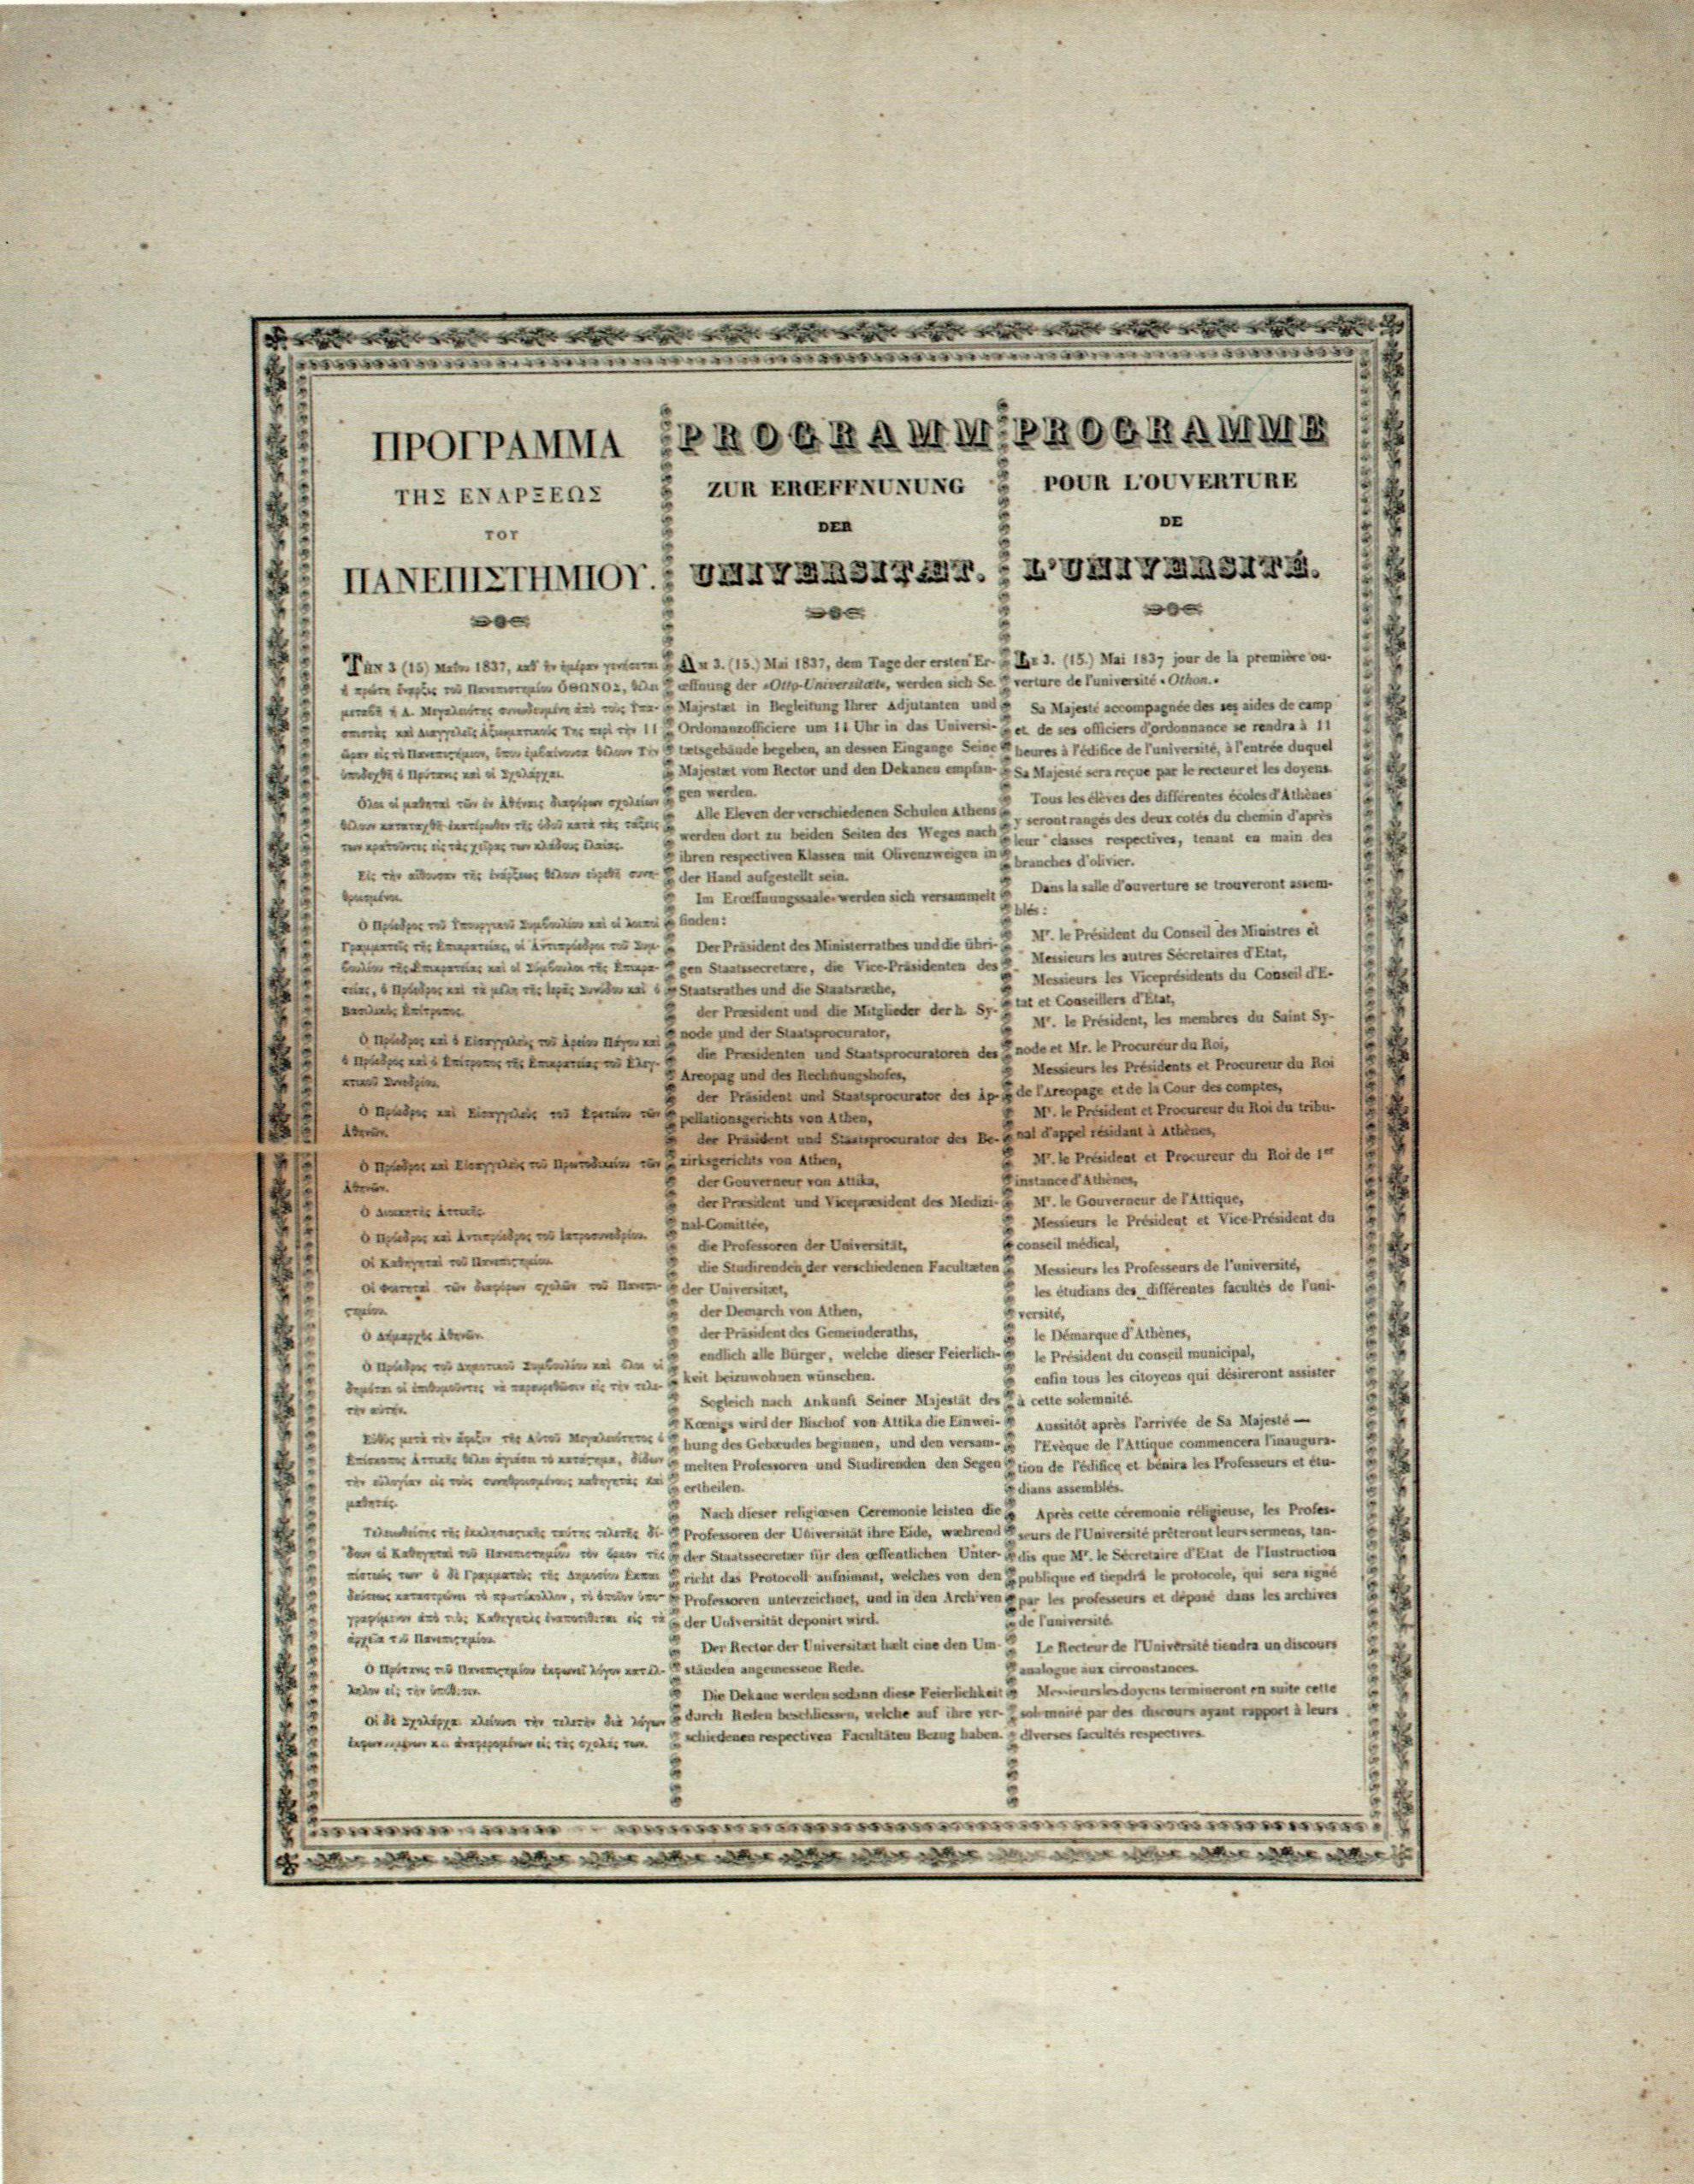 Πρόγραμμα έναρξης του Πανεπιστημίου Αθηνών, 1837.